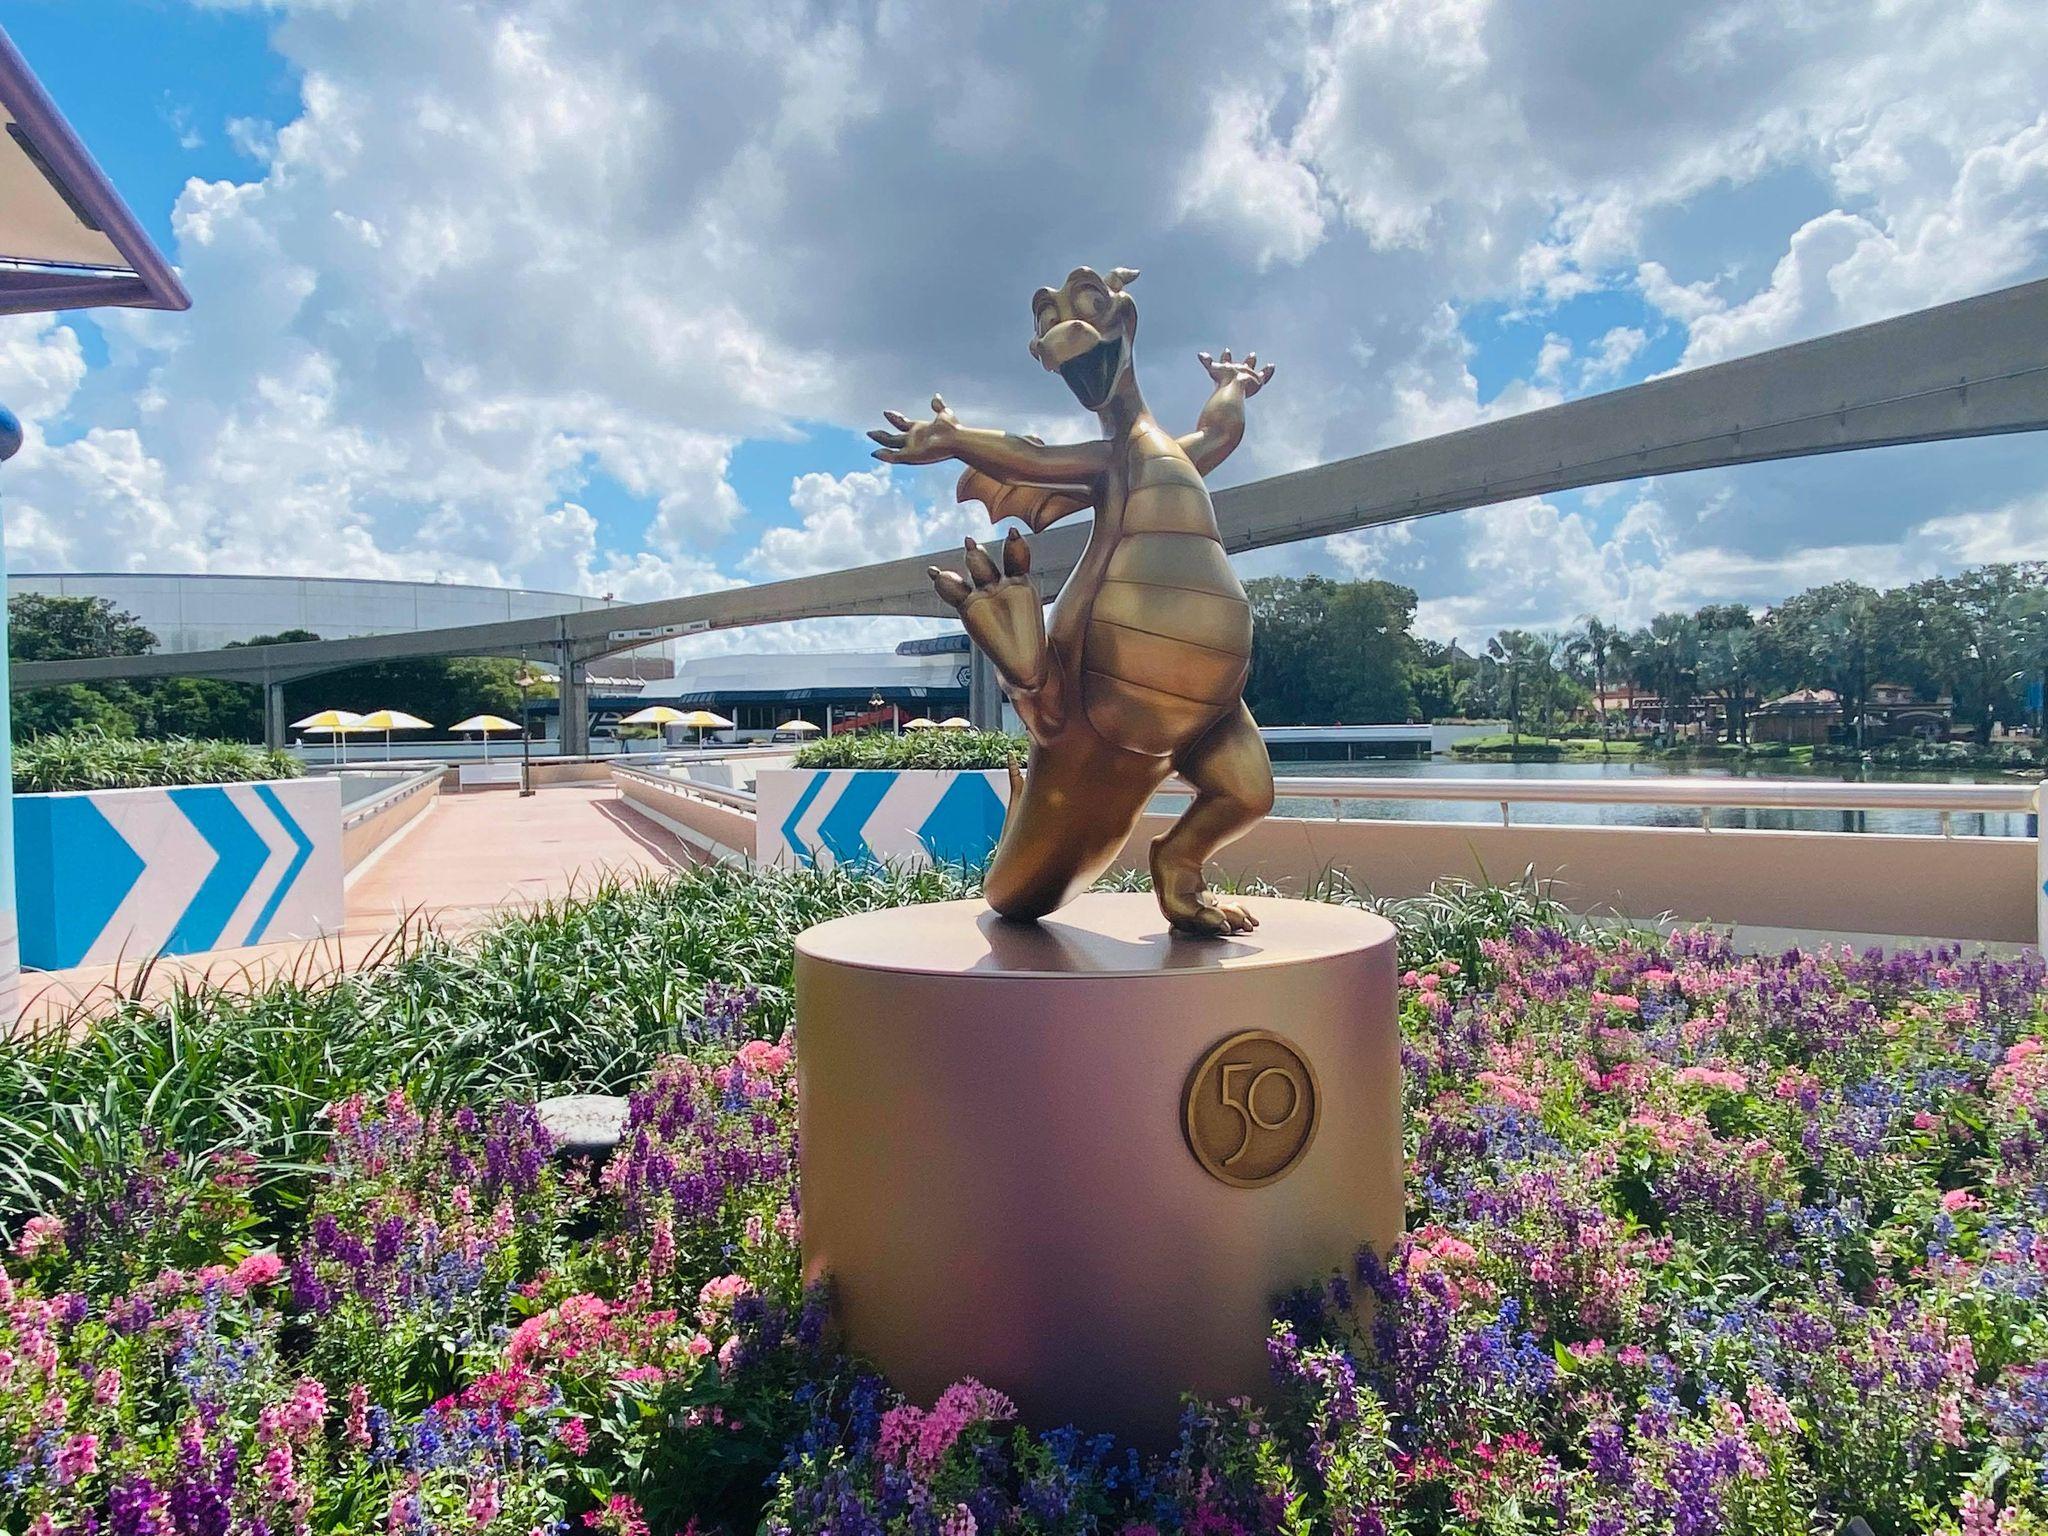 50th anniversary statues EPCOT